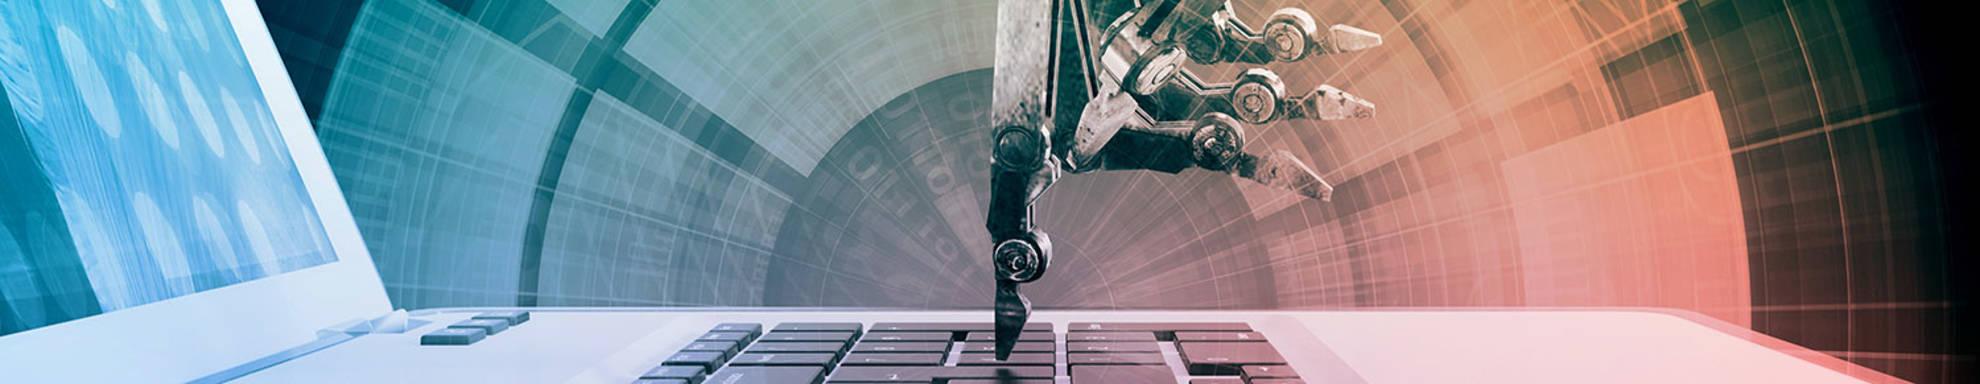 S&O - AI robotics and work - copyright Kentoh adobe stock